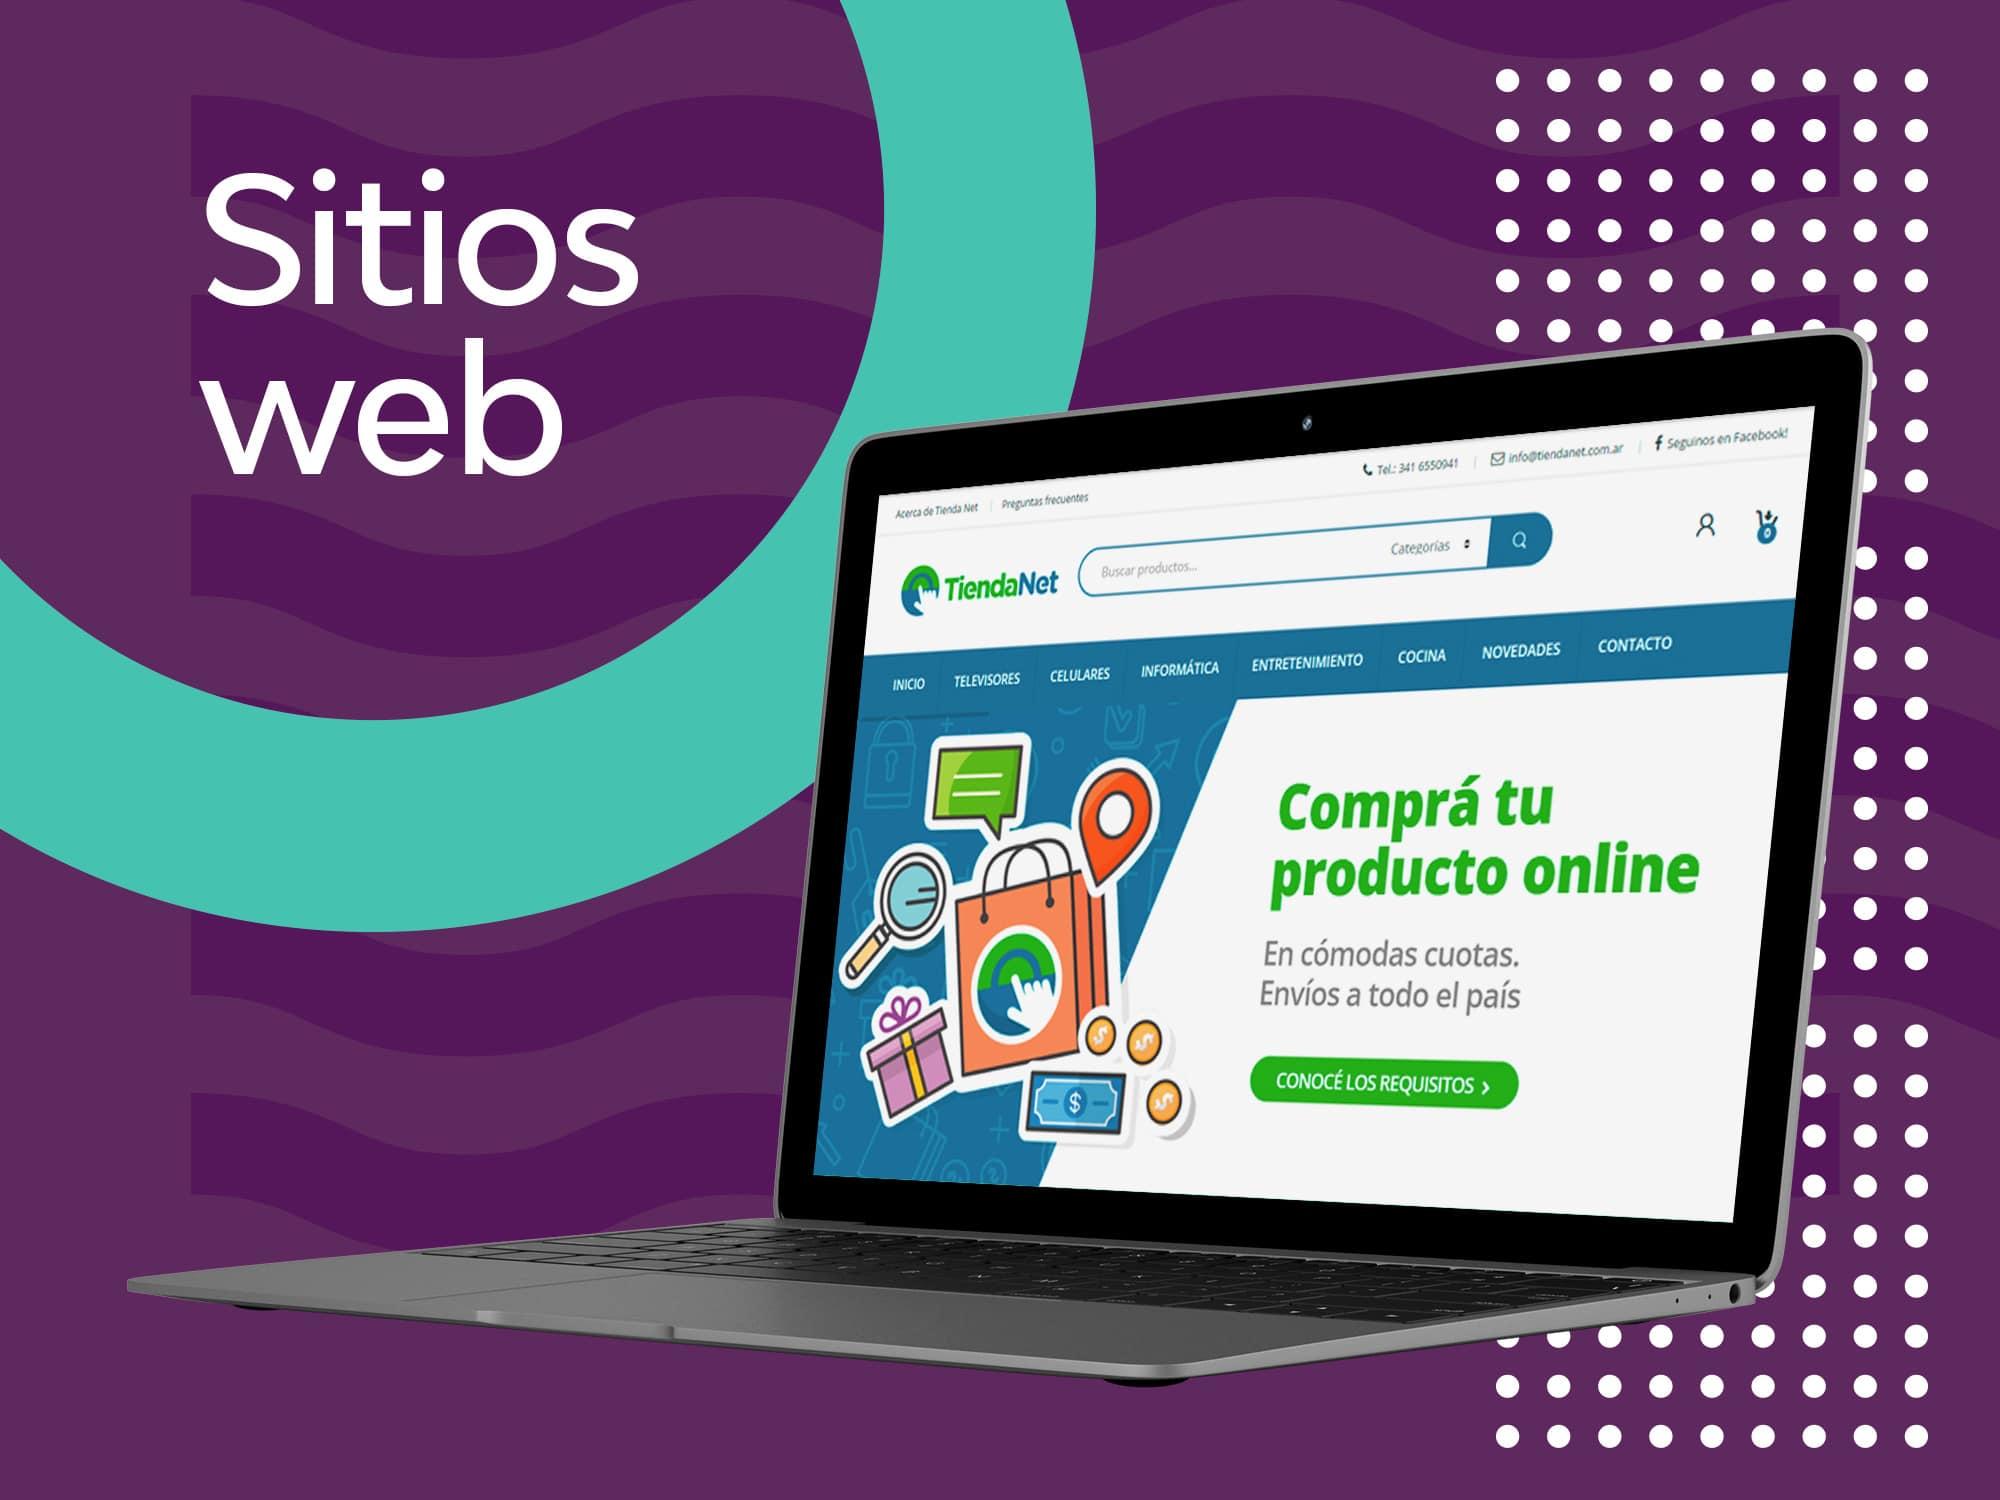 kaiserclick-sitios-web-ok